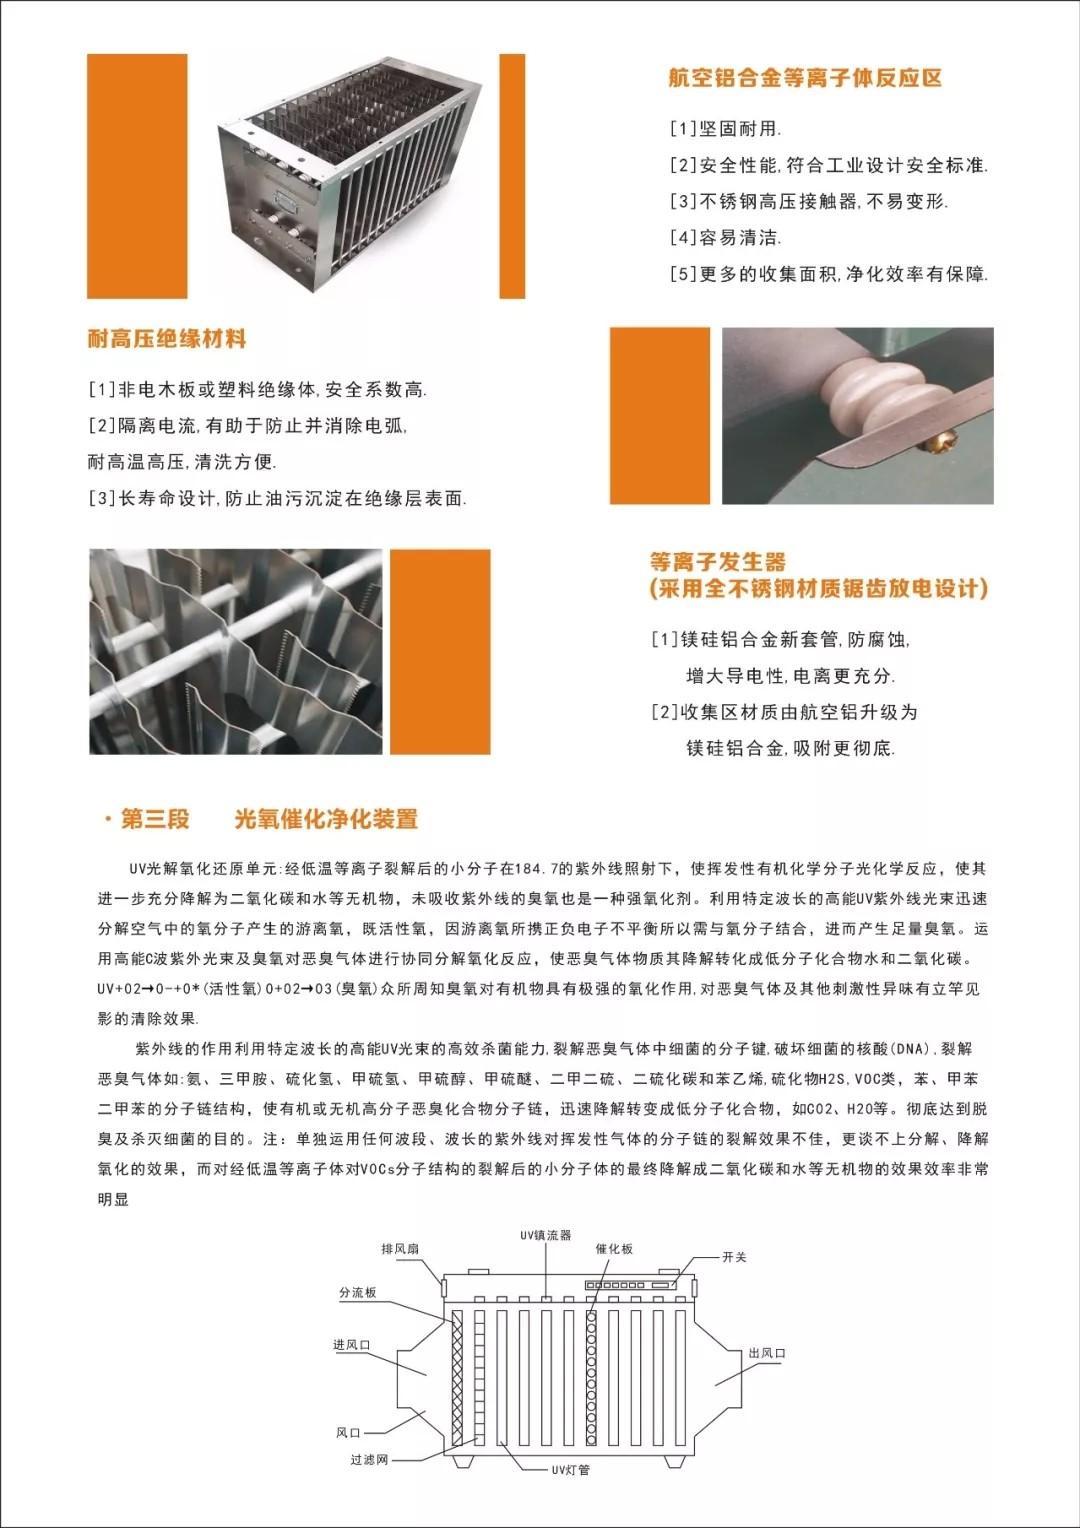 沥青烟气处理系统(图4)